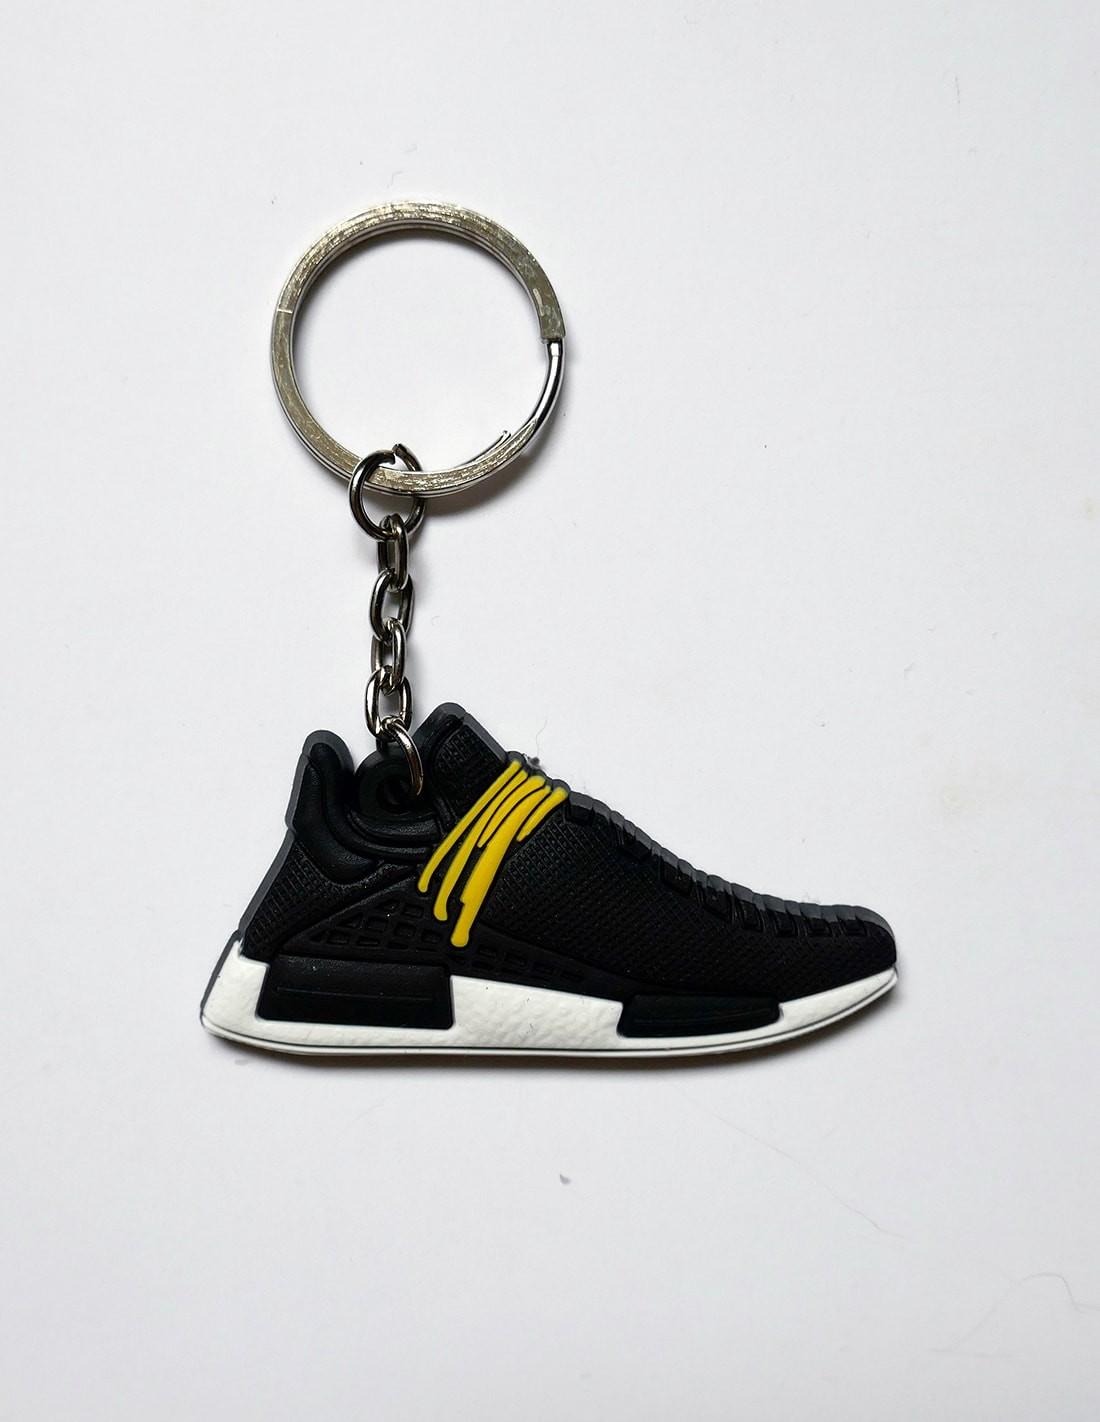 59194dce3 Porte clé Human race pw Pharrell black par Adidas